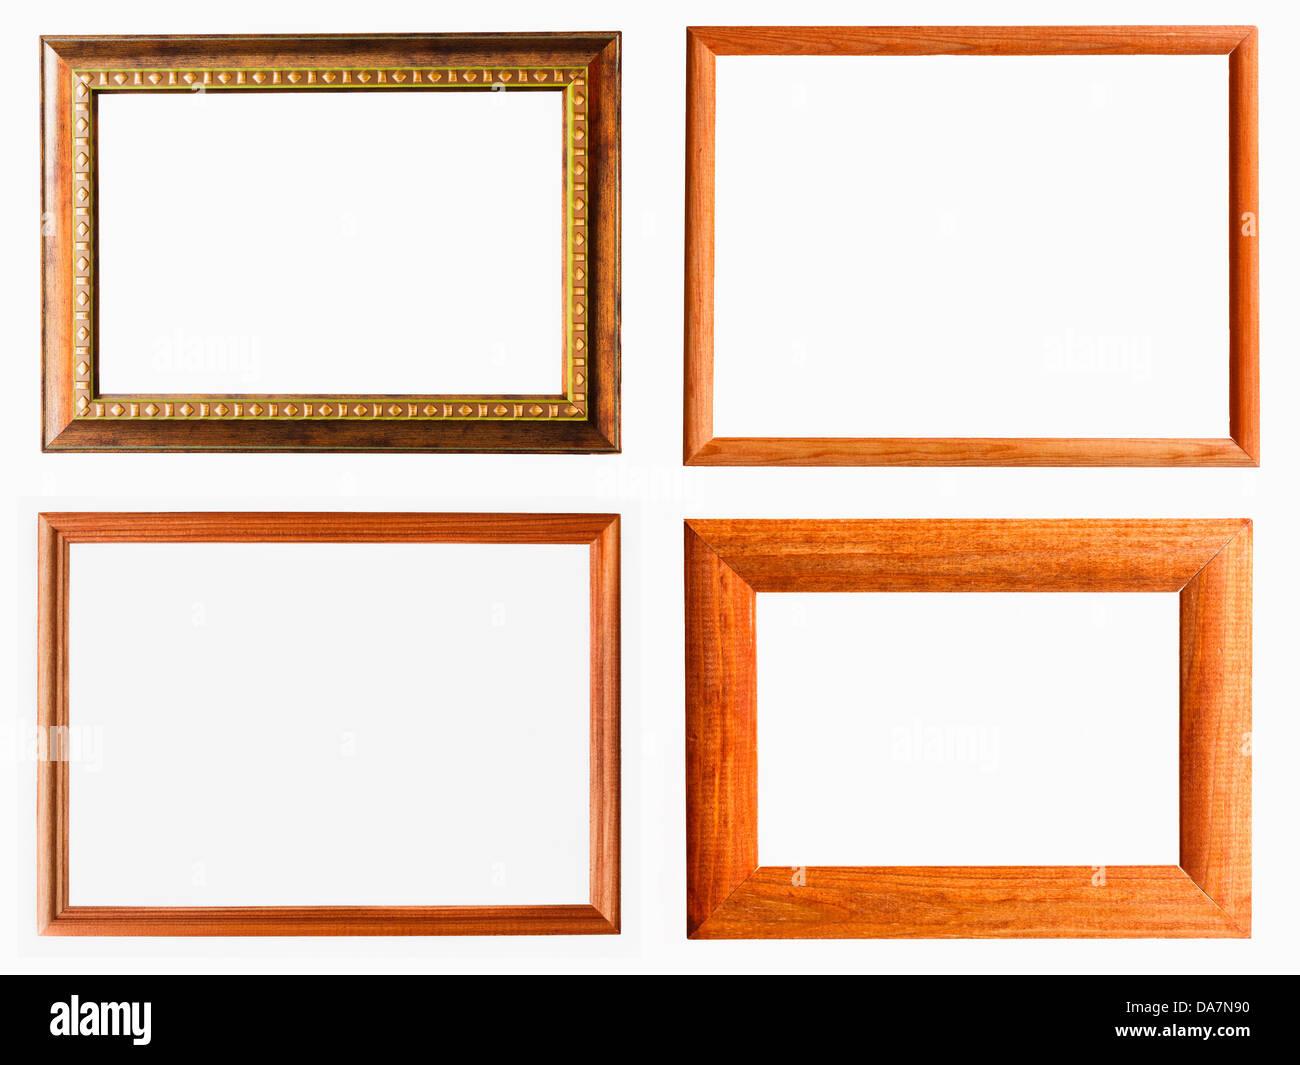 Vintage Photo Frame Collage Stock Photos & Vintage Photo Frame ...